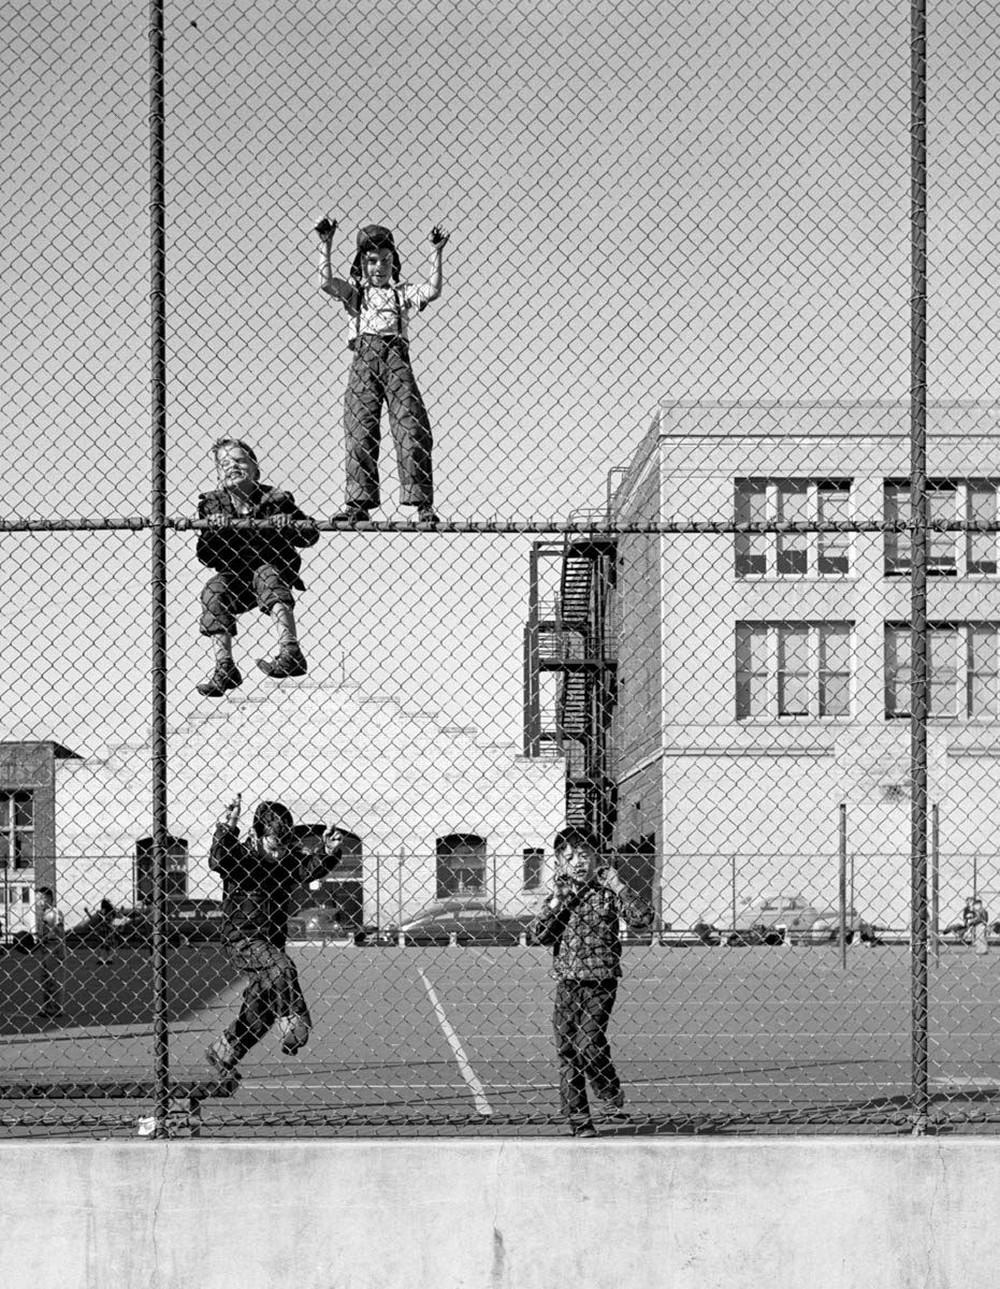 San-Frantsisko-ulichnye-fotografii-1940-50-godov-Freda-Liona 35